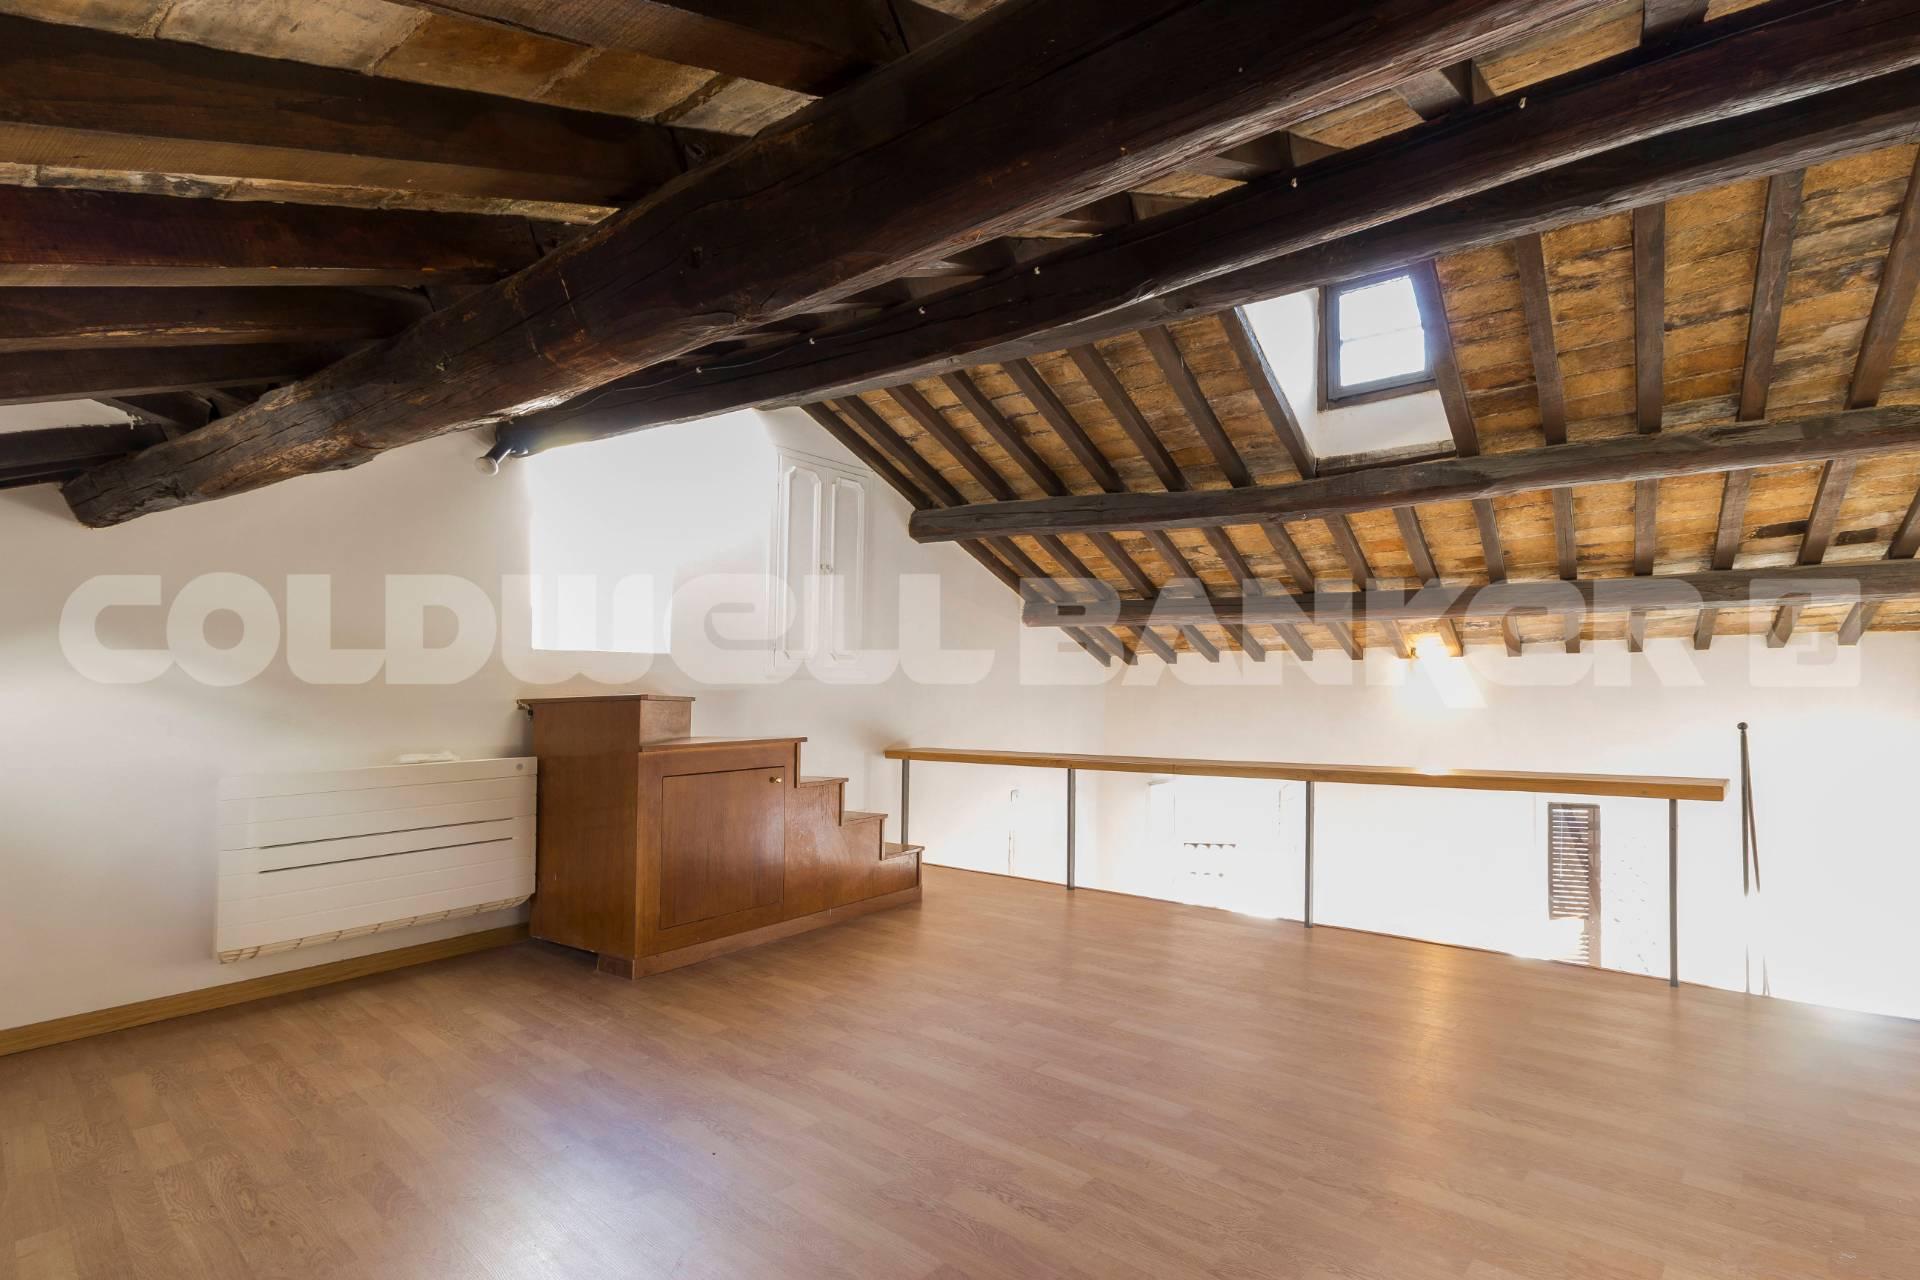 Cbi072 ex1227 loft open space in vendita a roma for Loft affitto roma